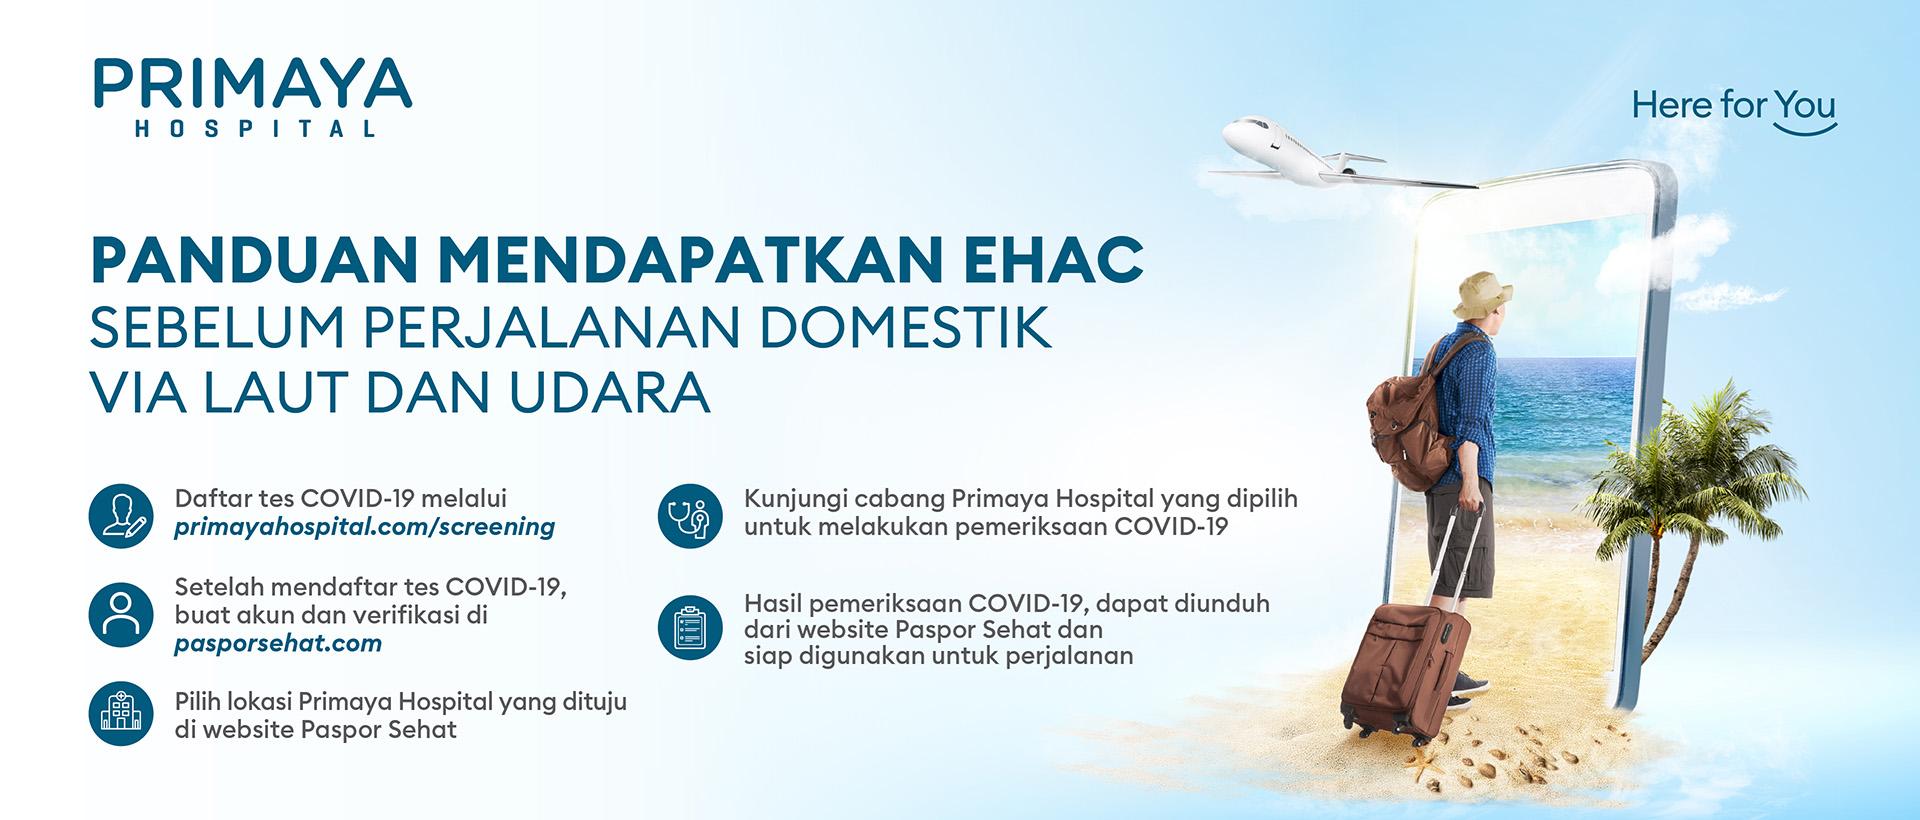 Panduan Mendapatkan EHAC Paspor Sehat Sebelum Perjalanan Domestik